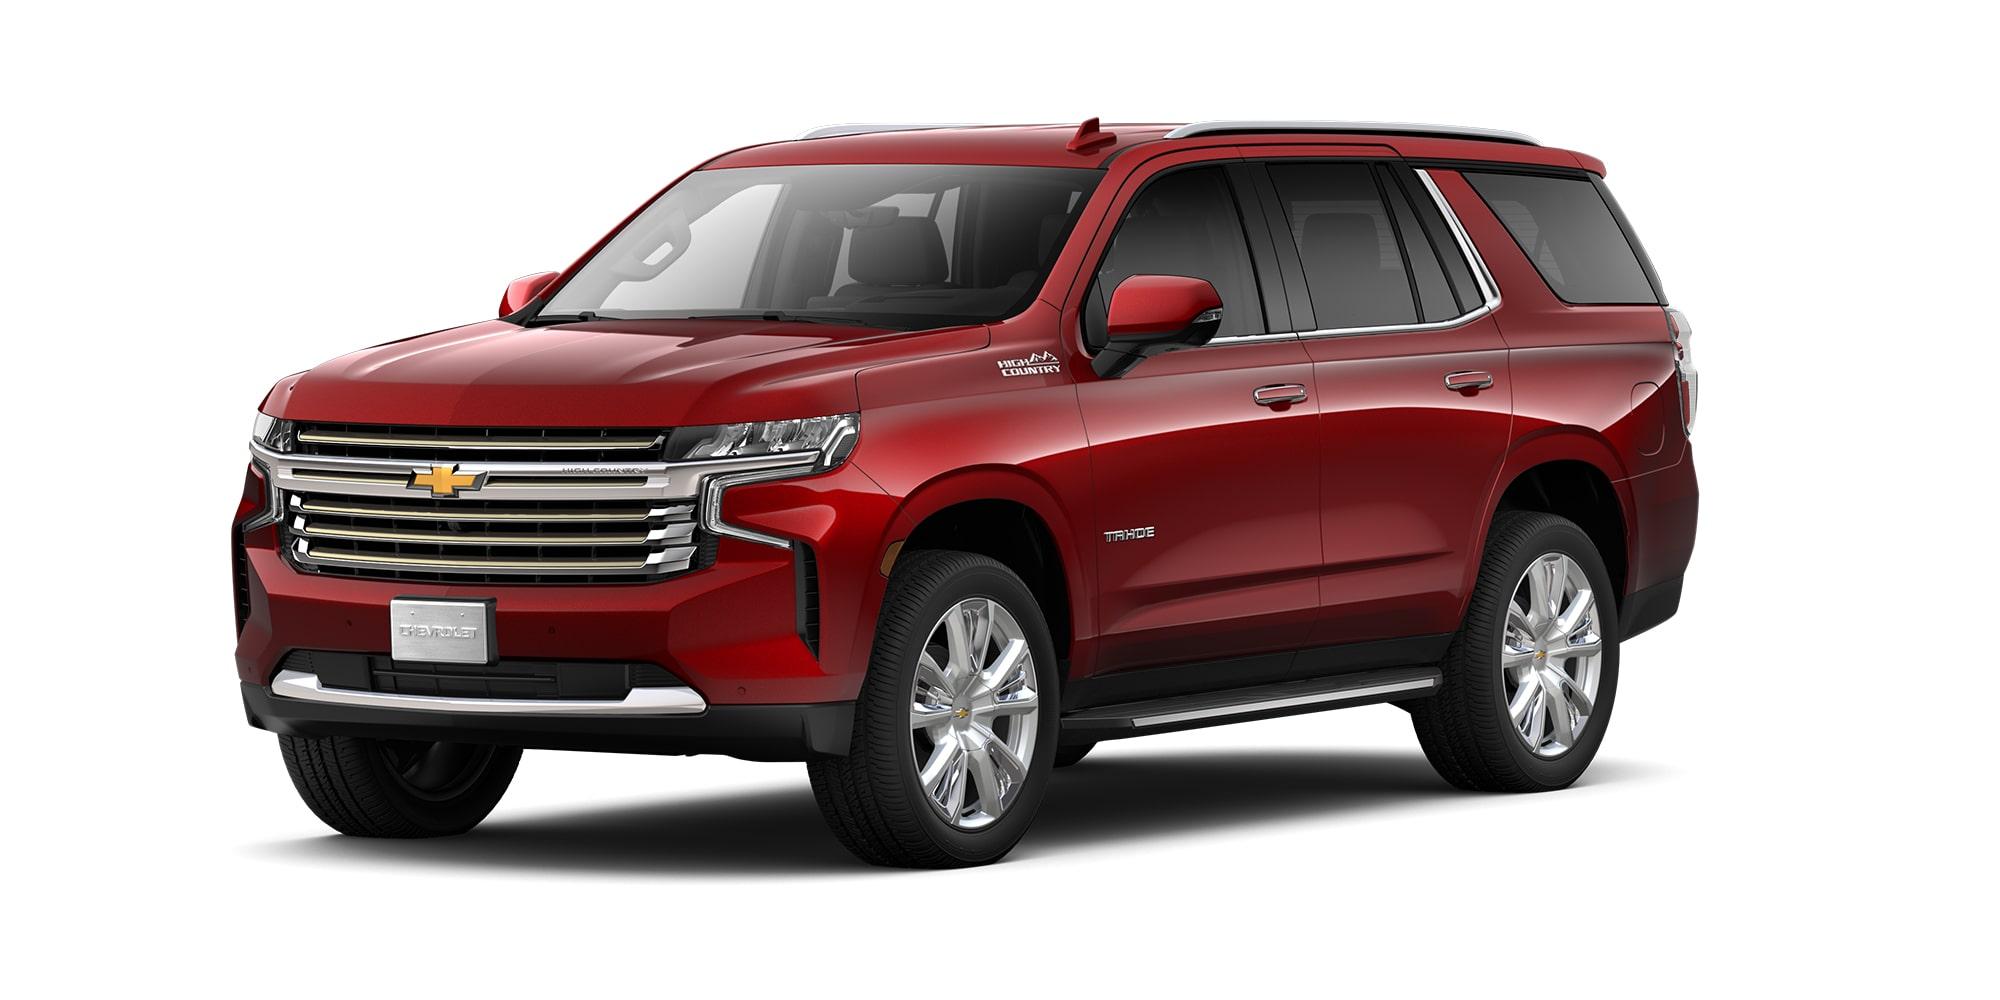 Chevrolet Tahoe 2021, SUV de 3 filas de asientos versión High Country